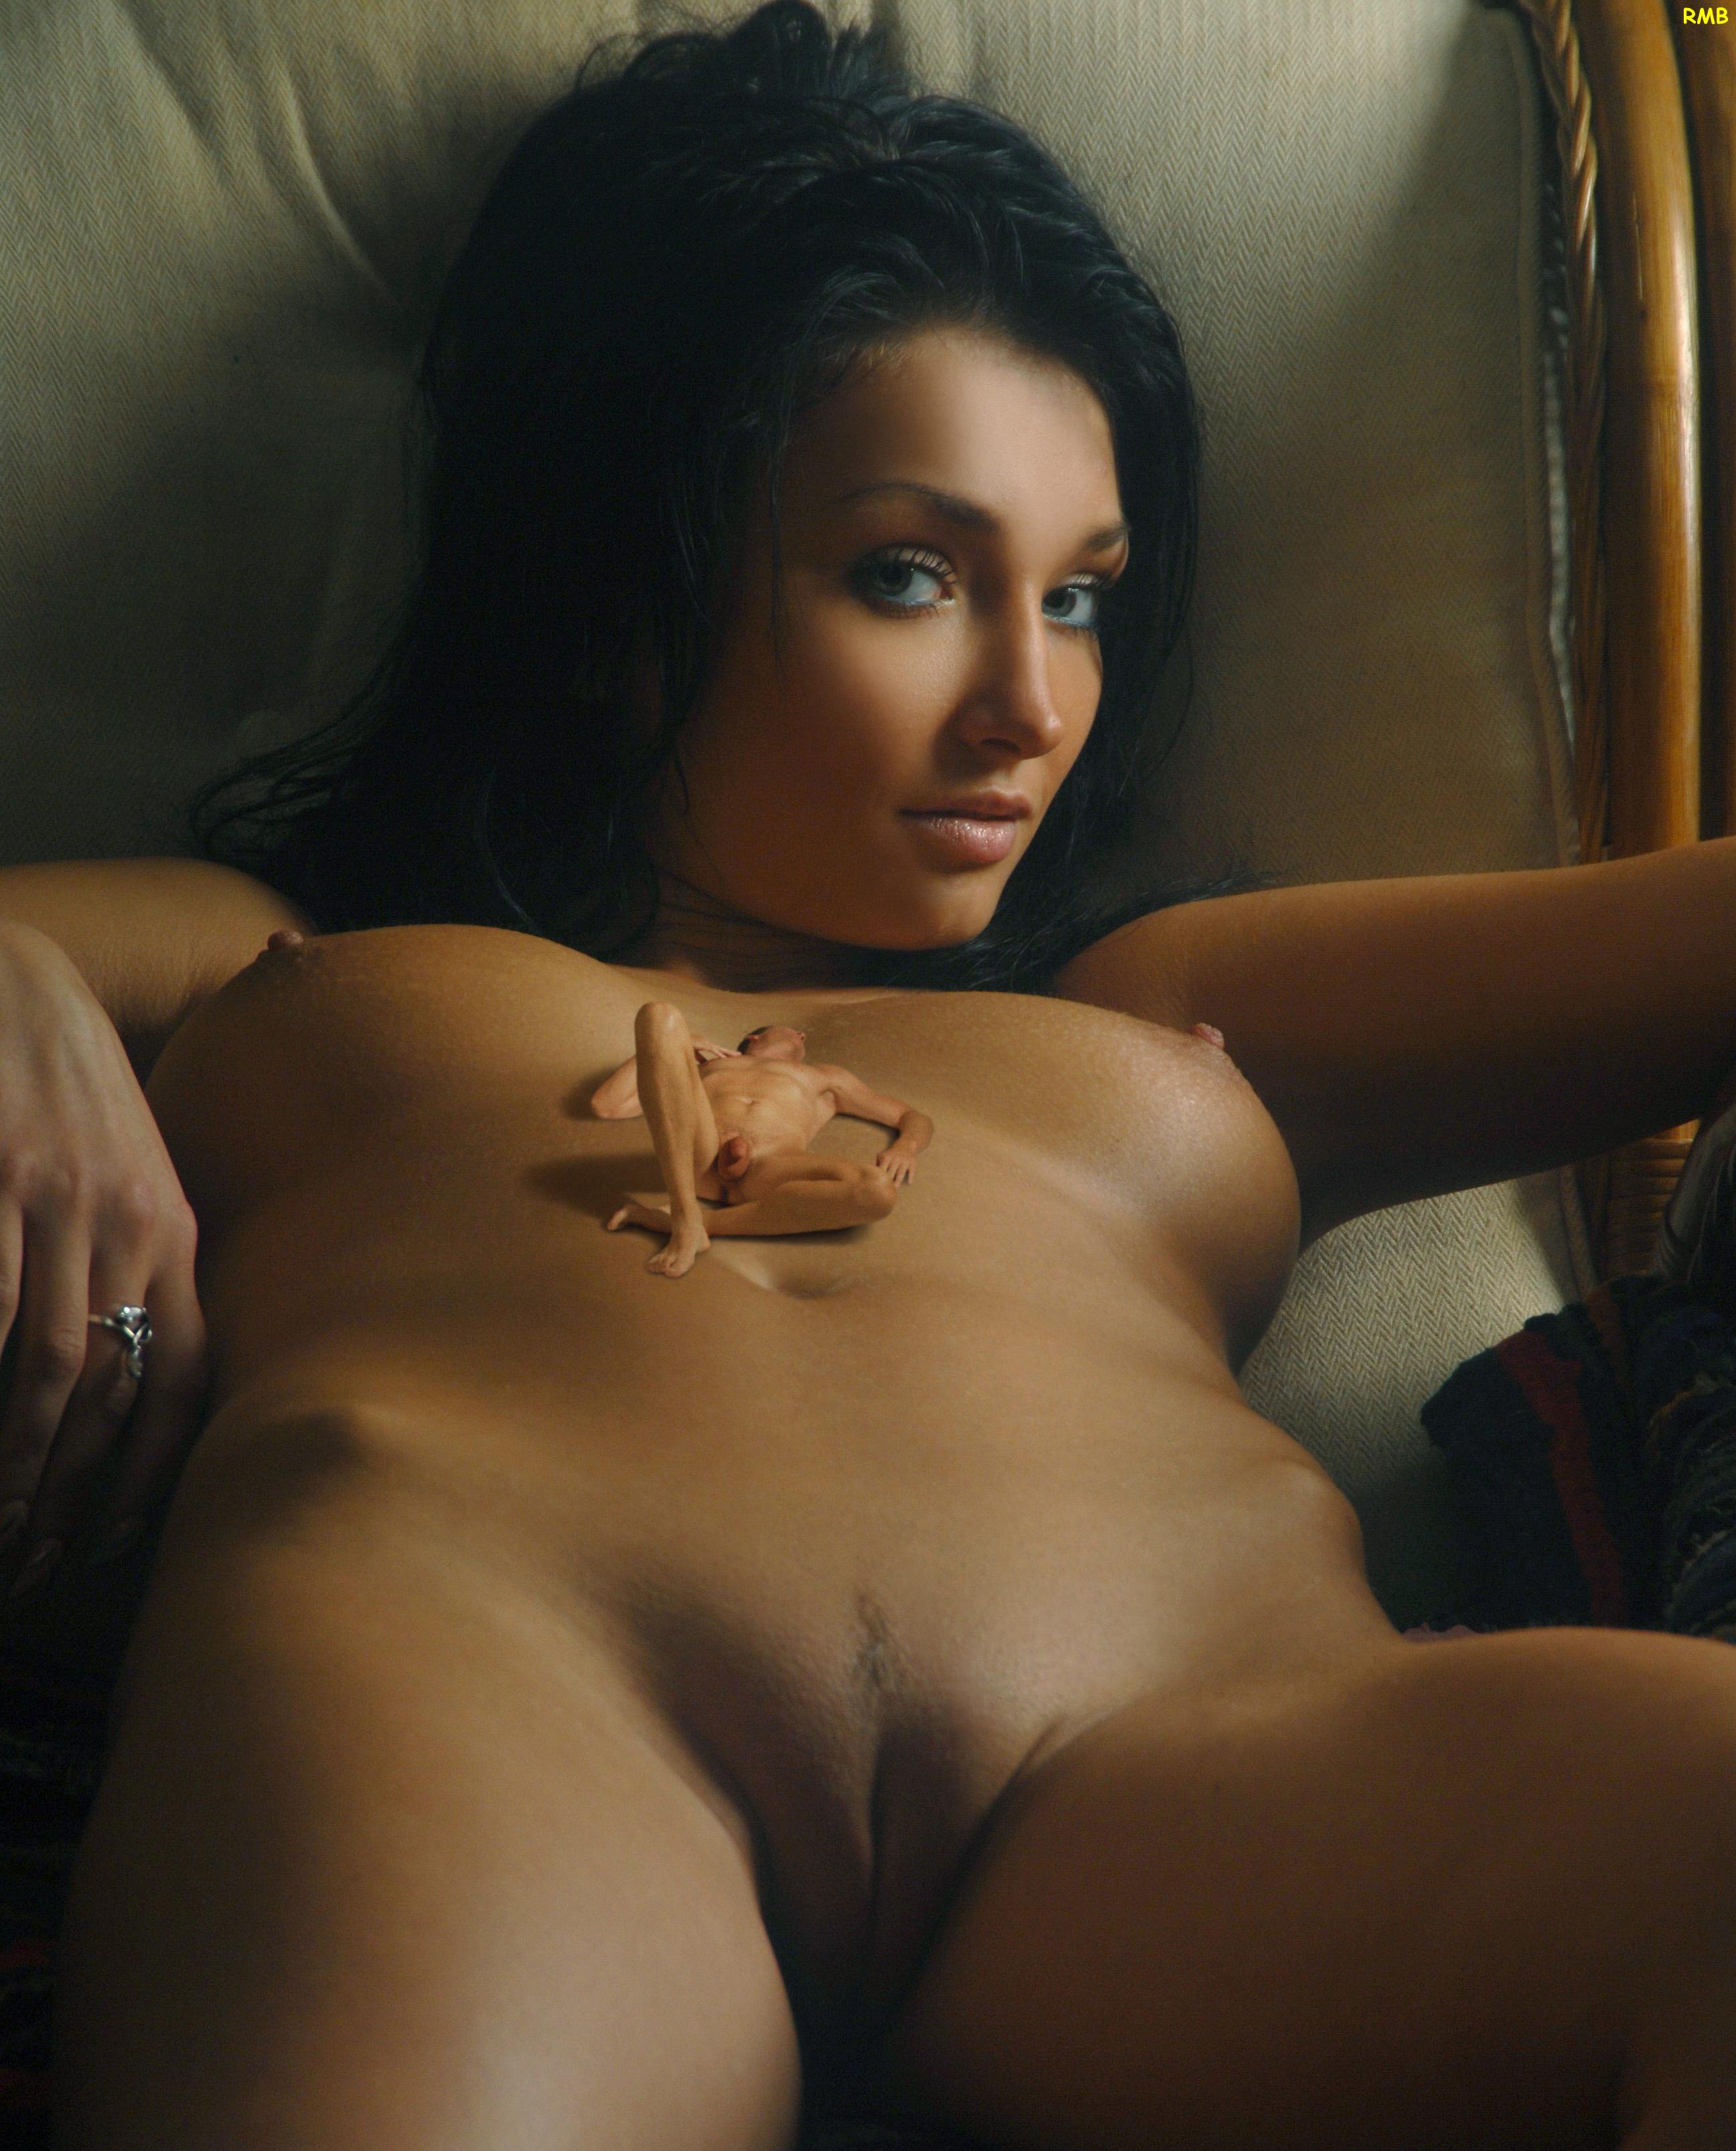 Сексуальное фото дня